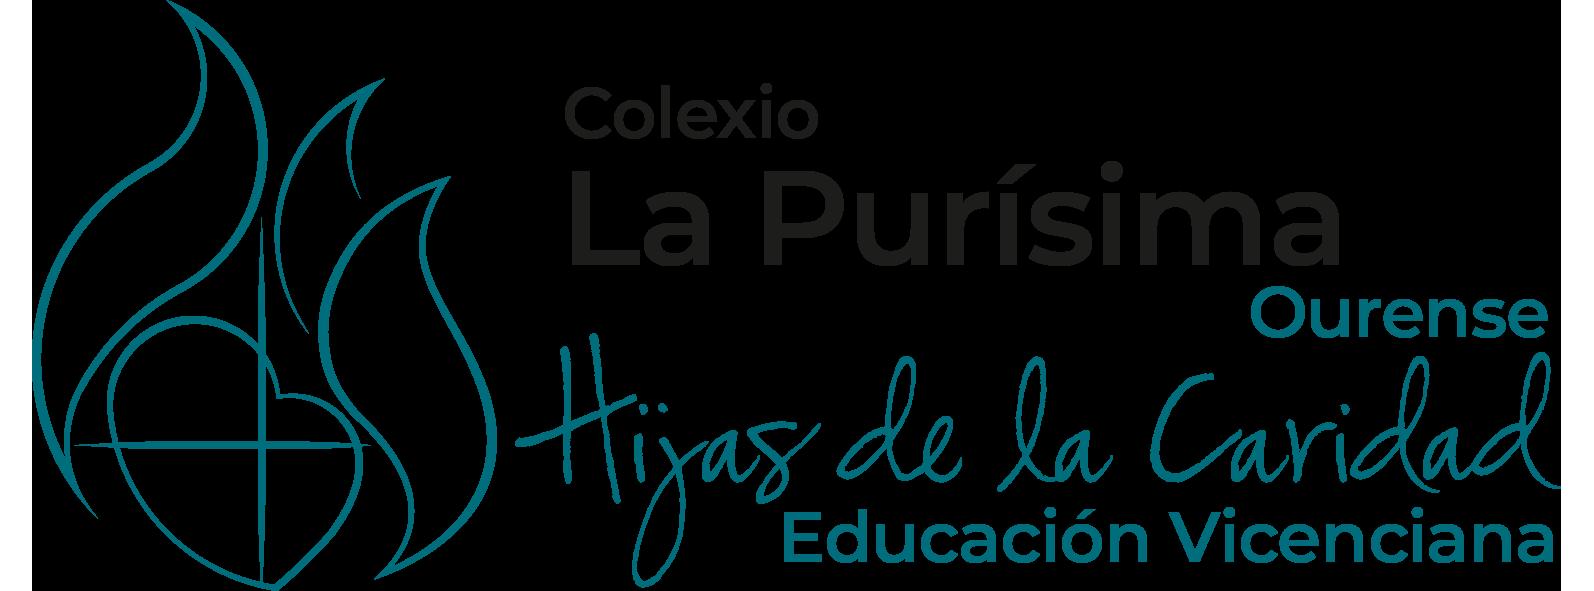 Colegio La Purisima - Ourense